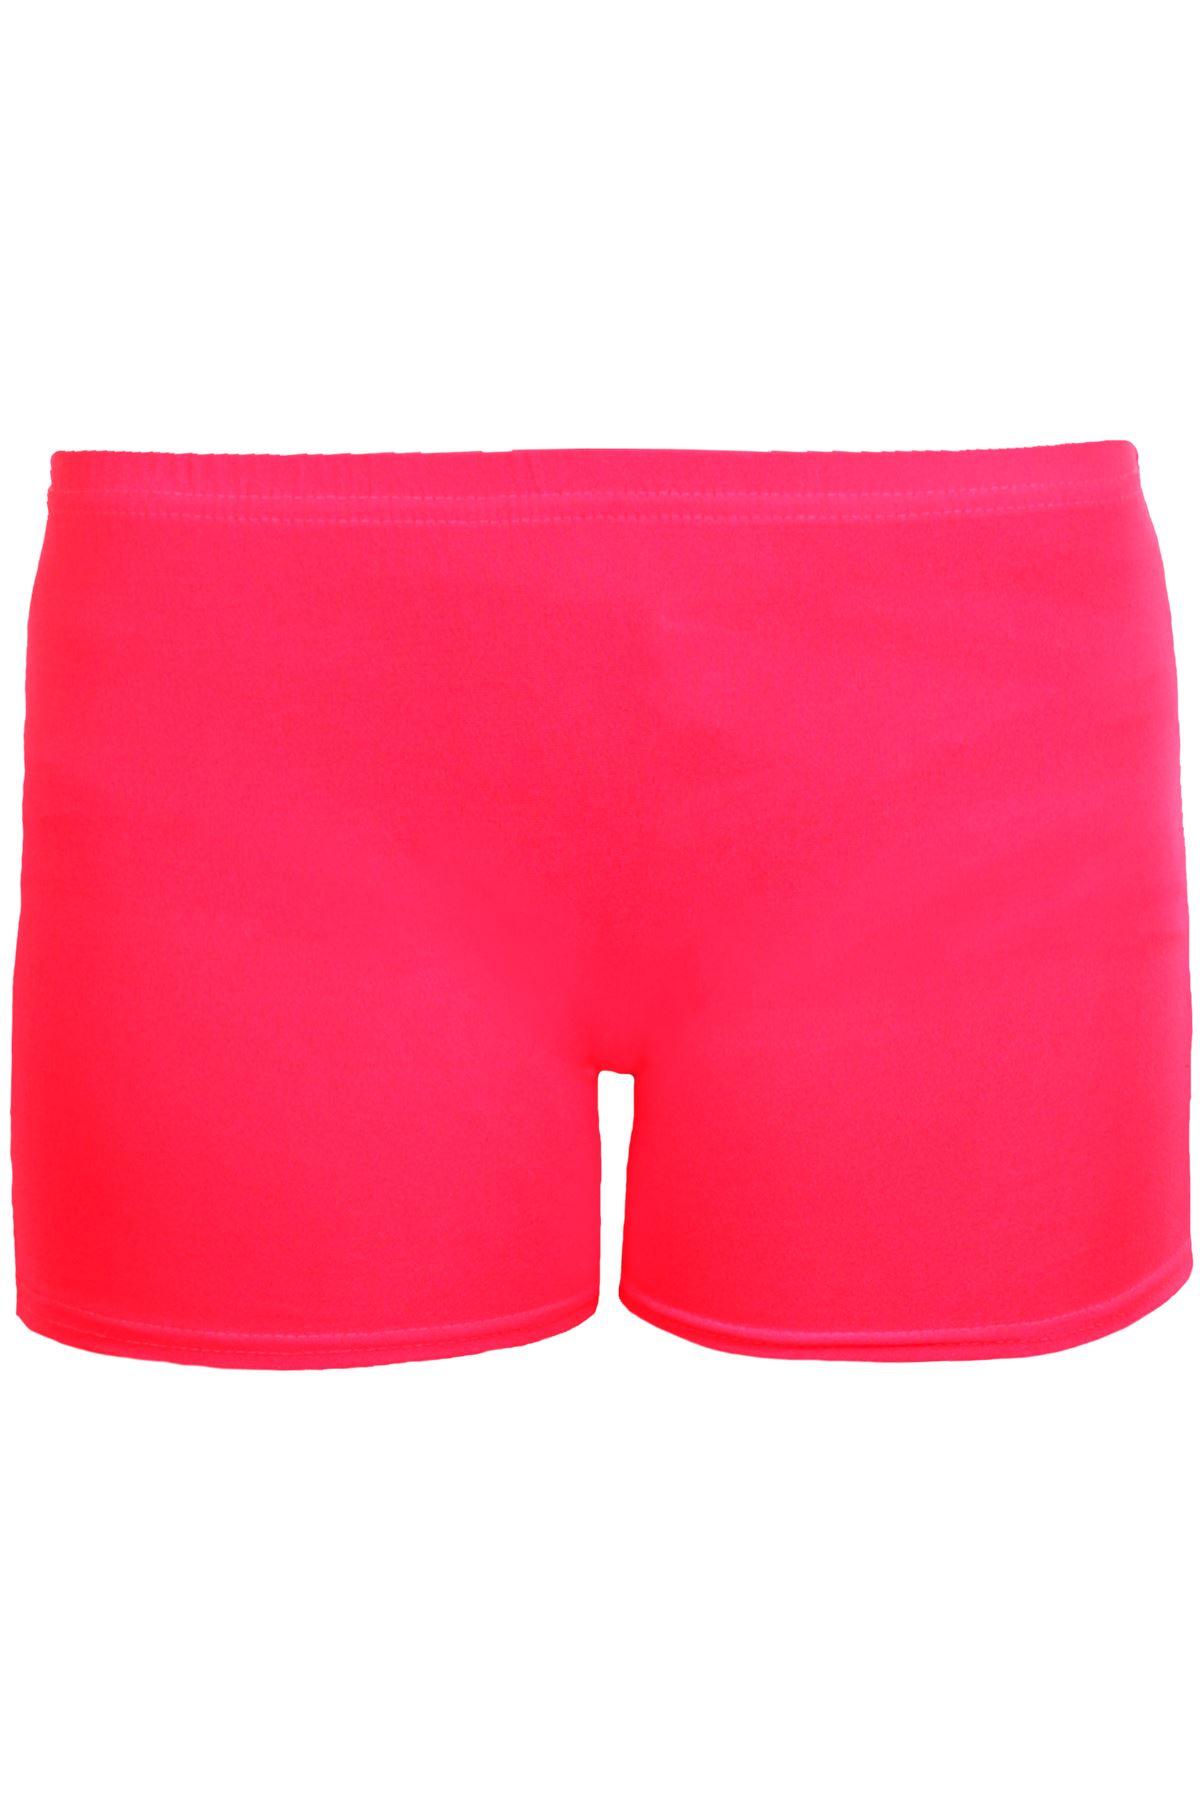 Filles-Lycra-Coton-Extensible-Gym-Gymnastique-Danse-Enfants-Neon-Shorts